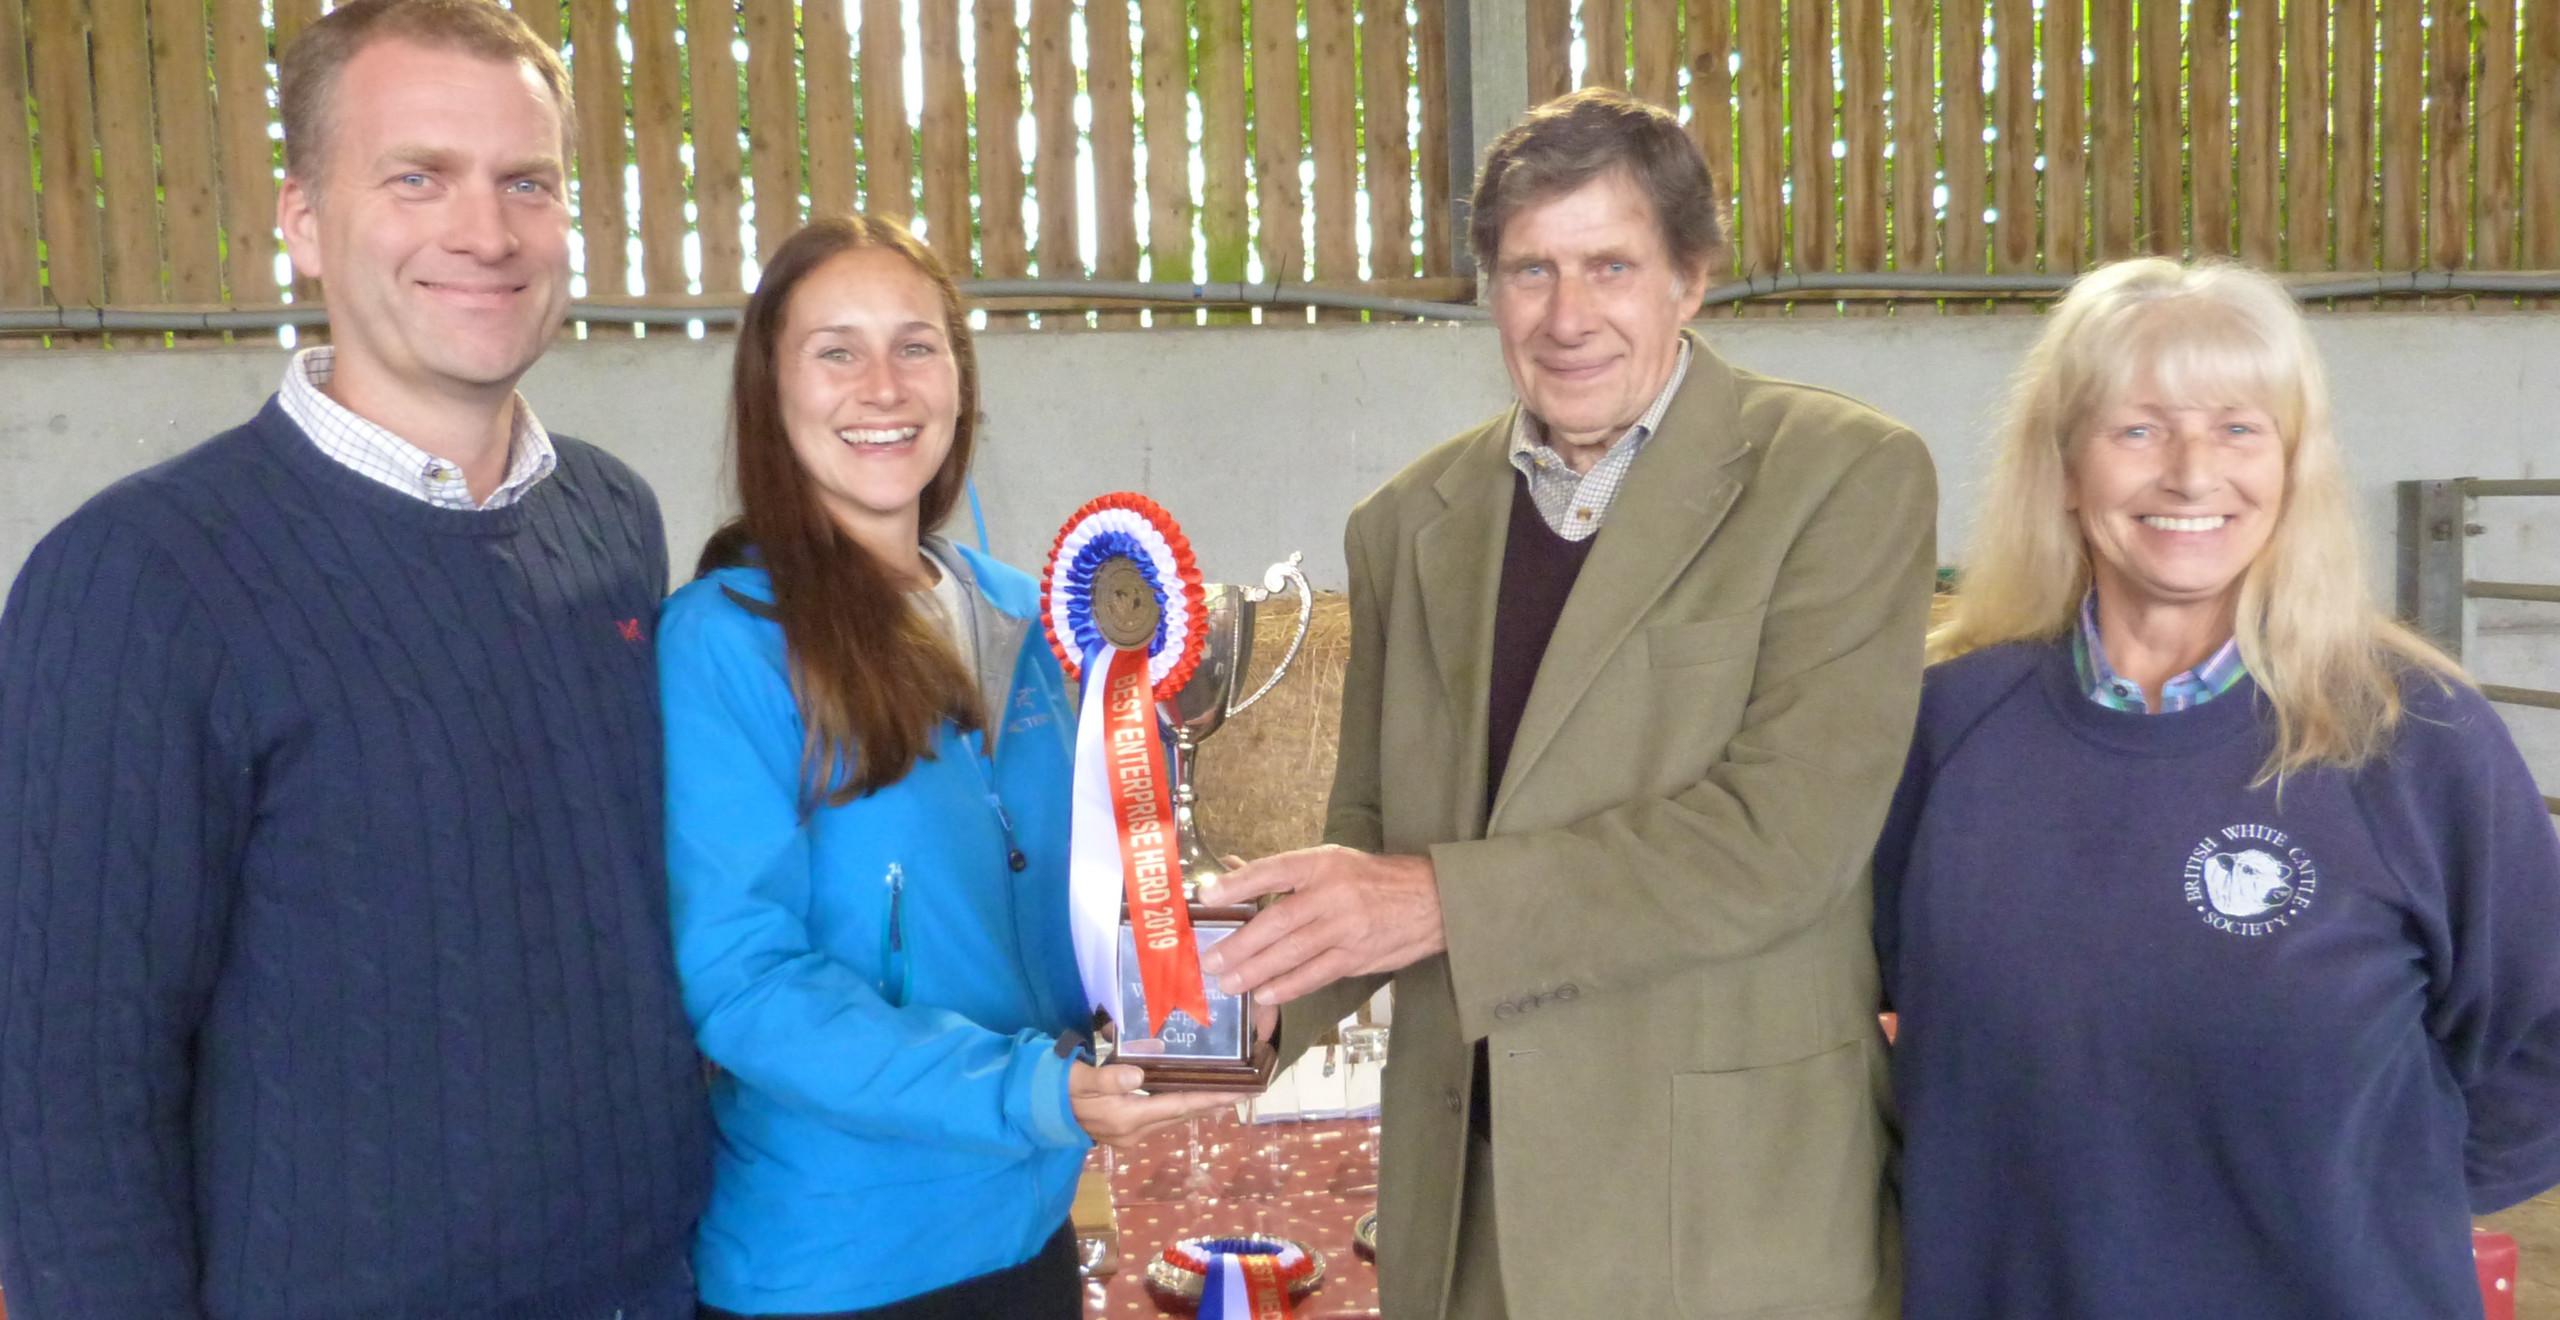 James and Katie Allen win the Enterprise Trophy